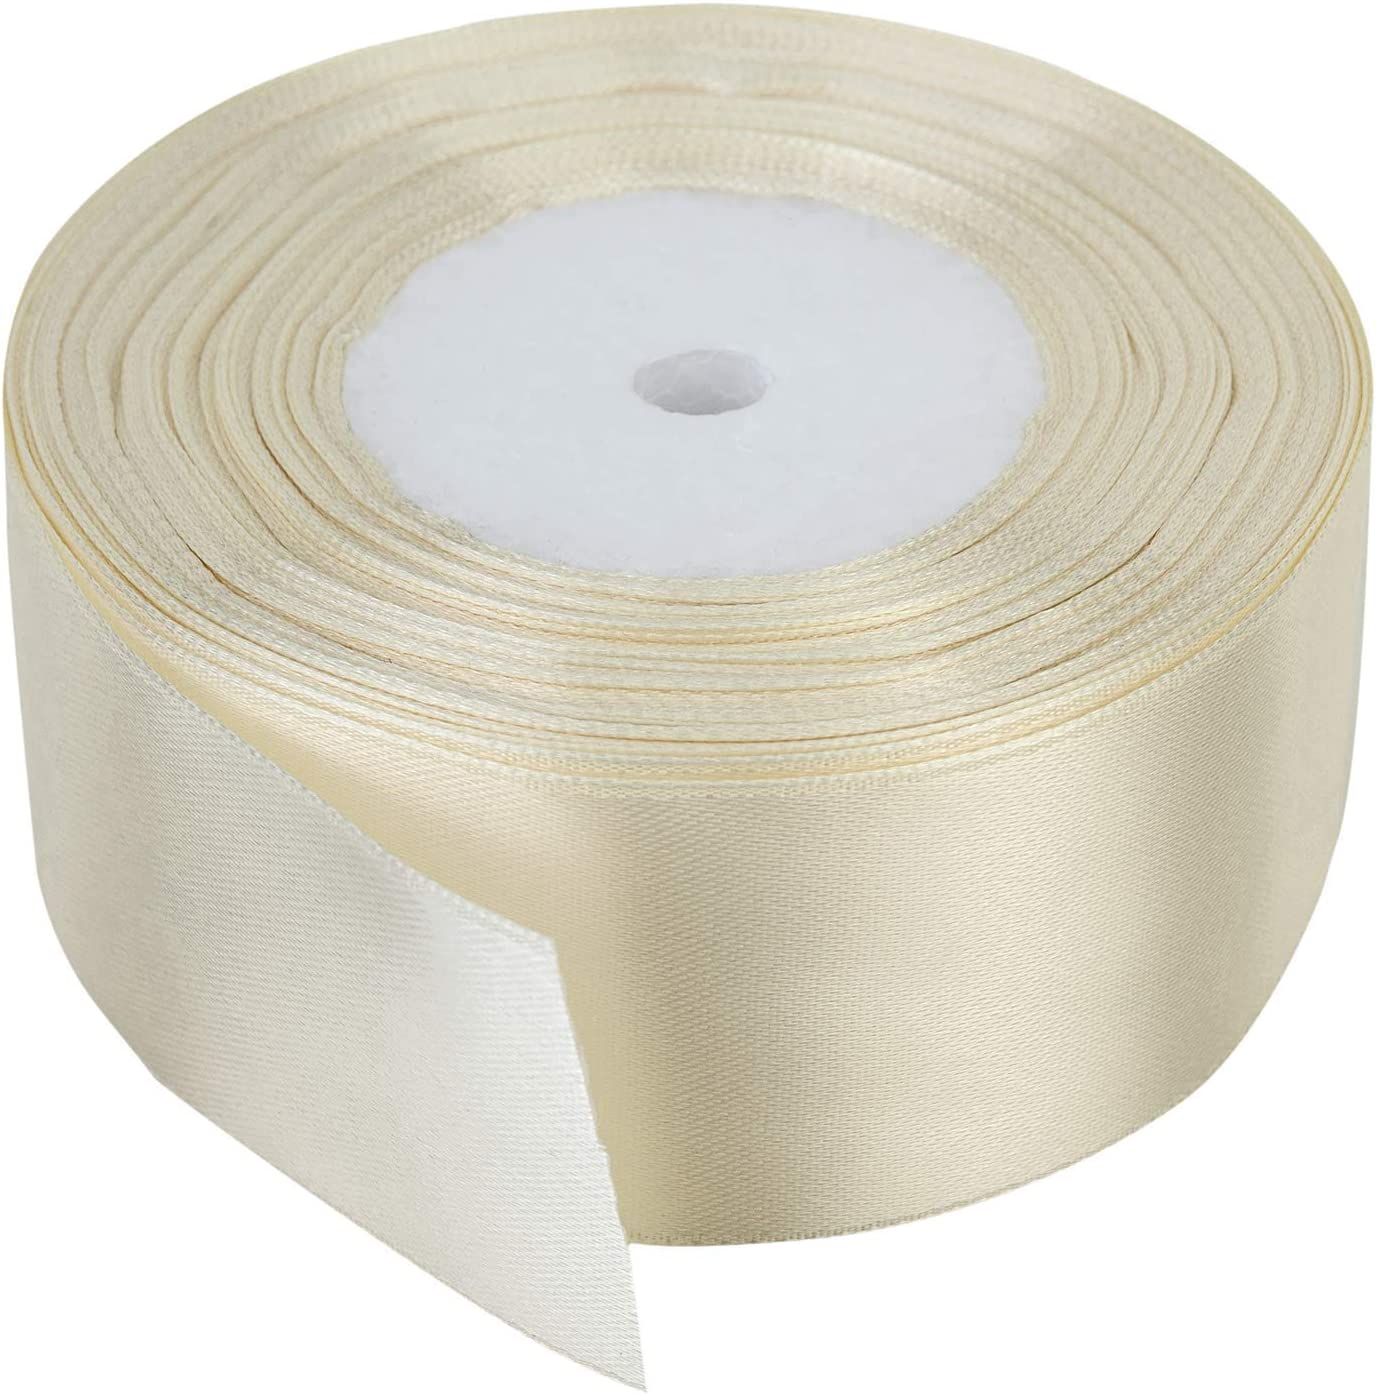 Lavable en Machine pour Emballage-Cadeau D/écoration Trimming Shop Rouleau Complet Ruban 40mm X 25 M/ètres /à Double Face Satin Couleurs Vives Arts et Loisirs Cr/éatifs 100/% Polyester